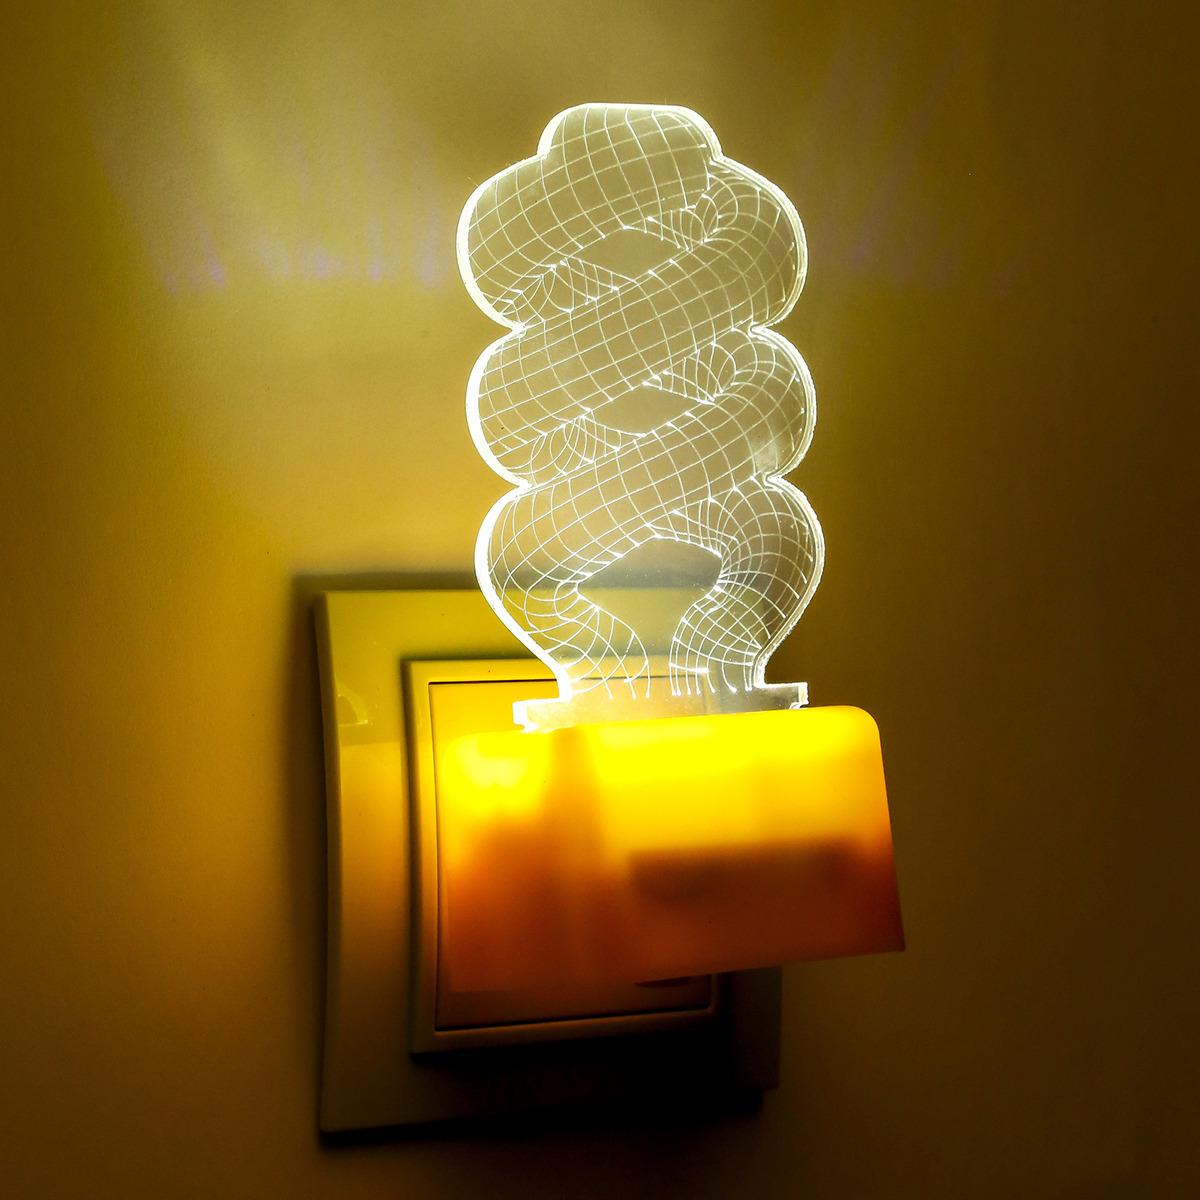 Ночник Risalux Спираль, 3 режима, LED, 3877913, прозрачный, 7 х 8,5 х 14 см